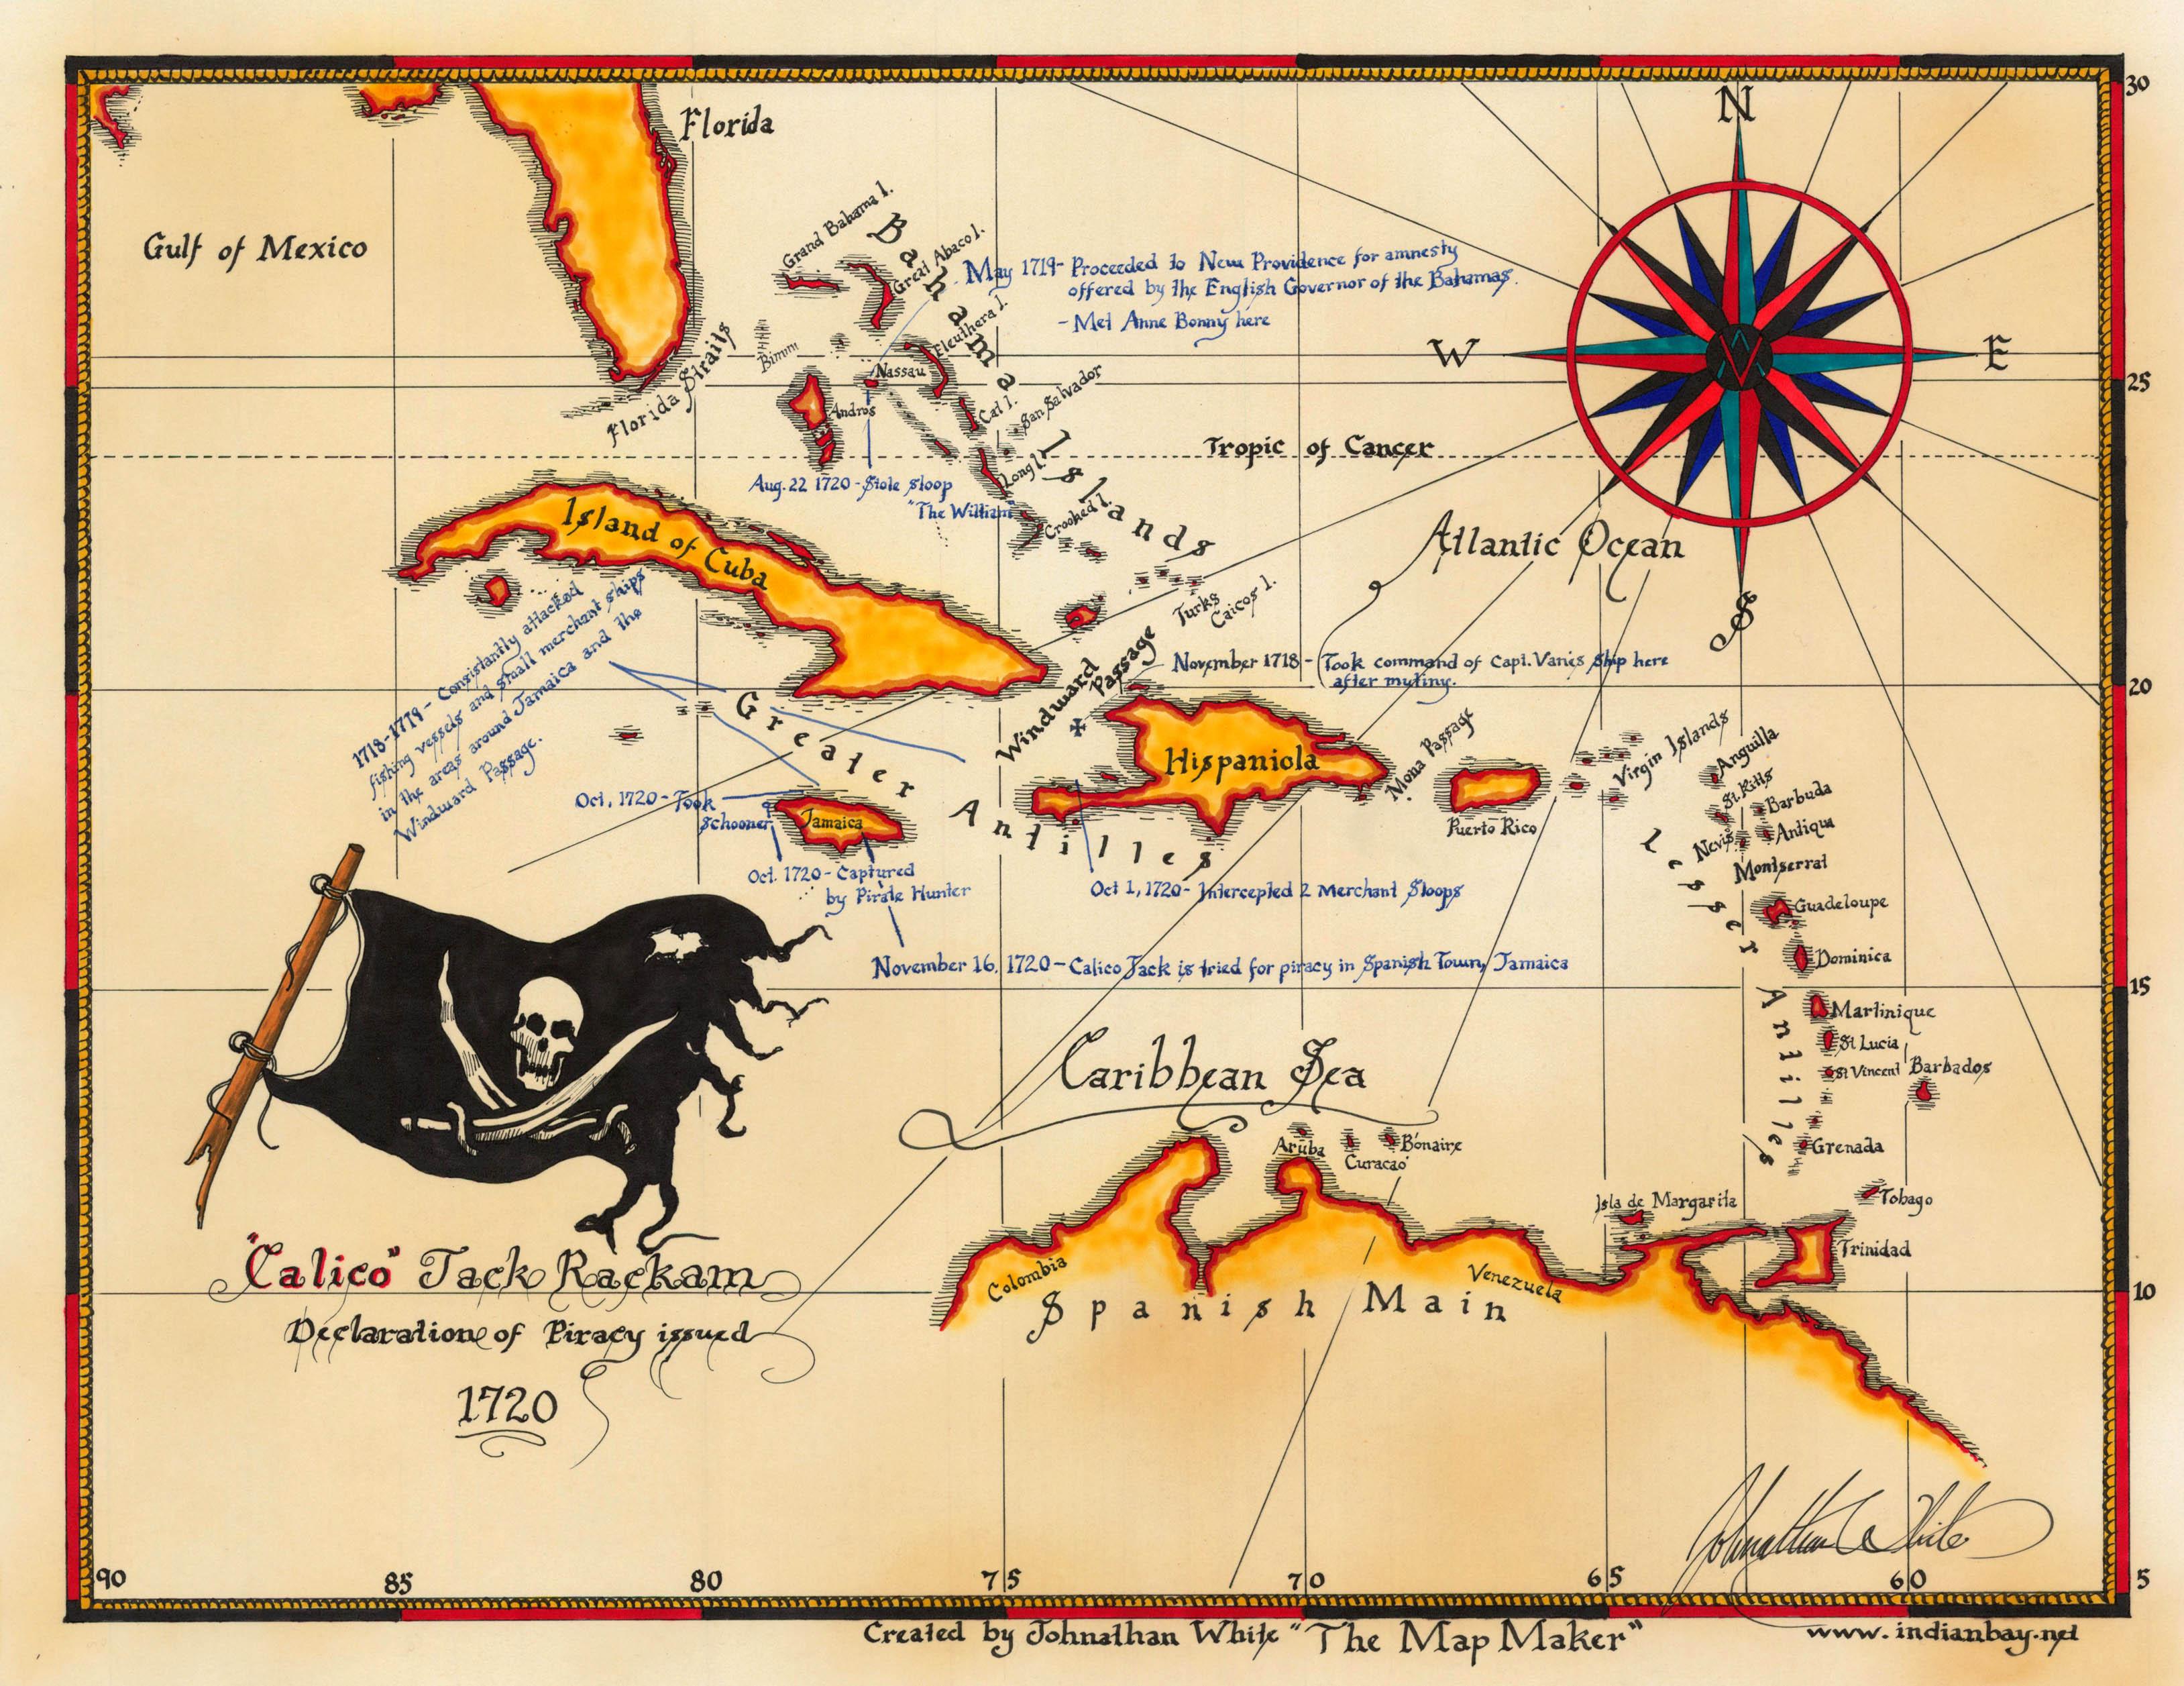 Пираты, карты, карибский, калико джек rackam - скачать беспл.